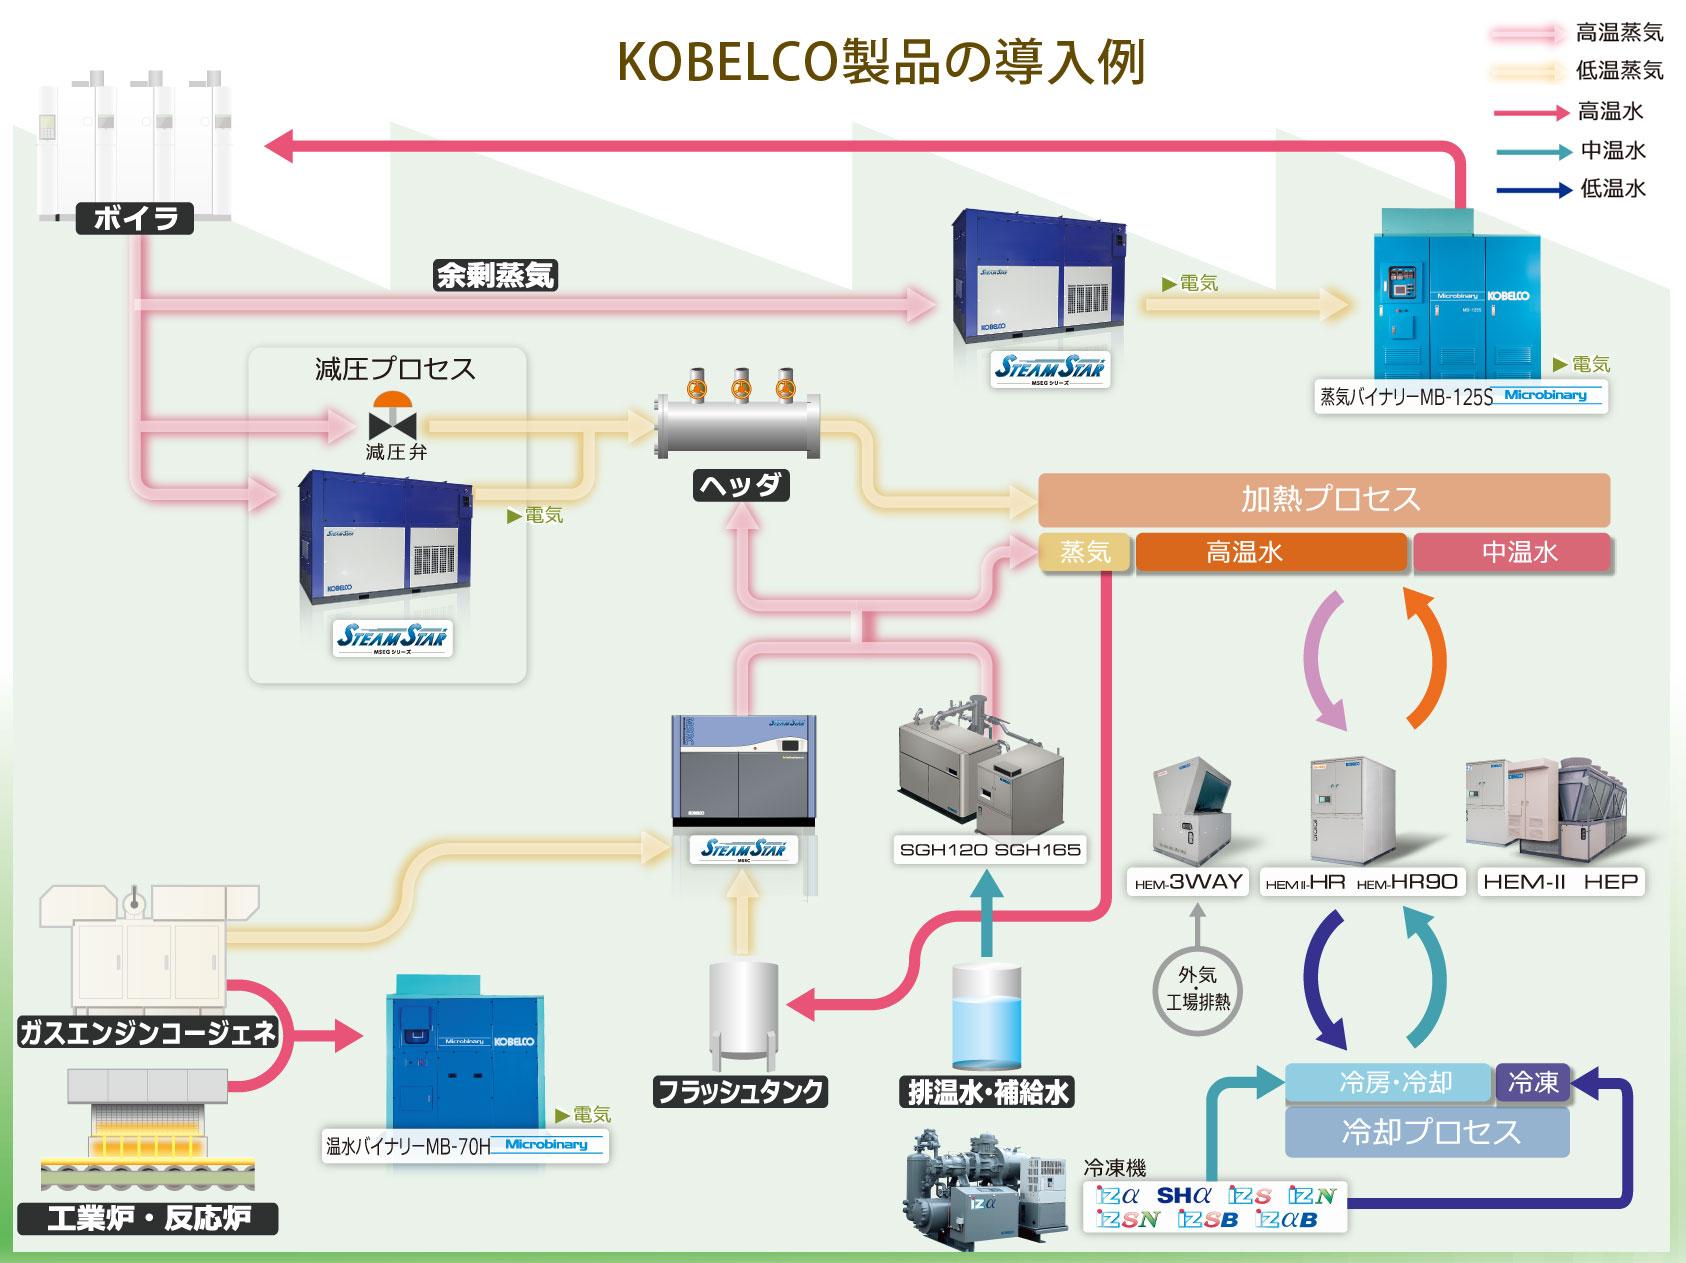 ヒートポンプ KOBELCO 神戸製鋼